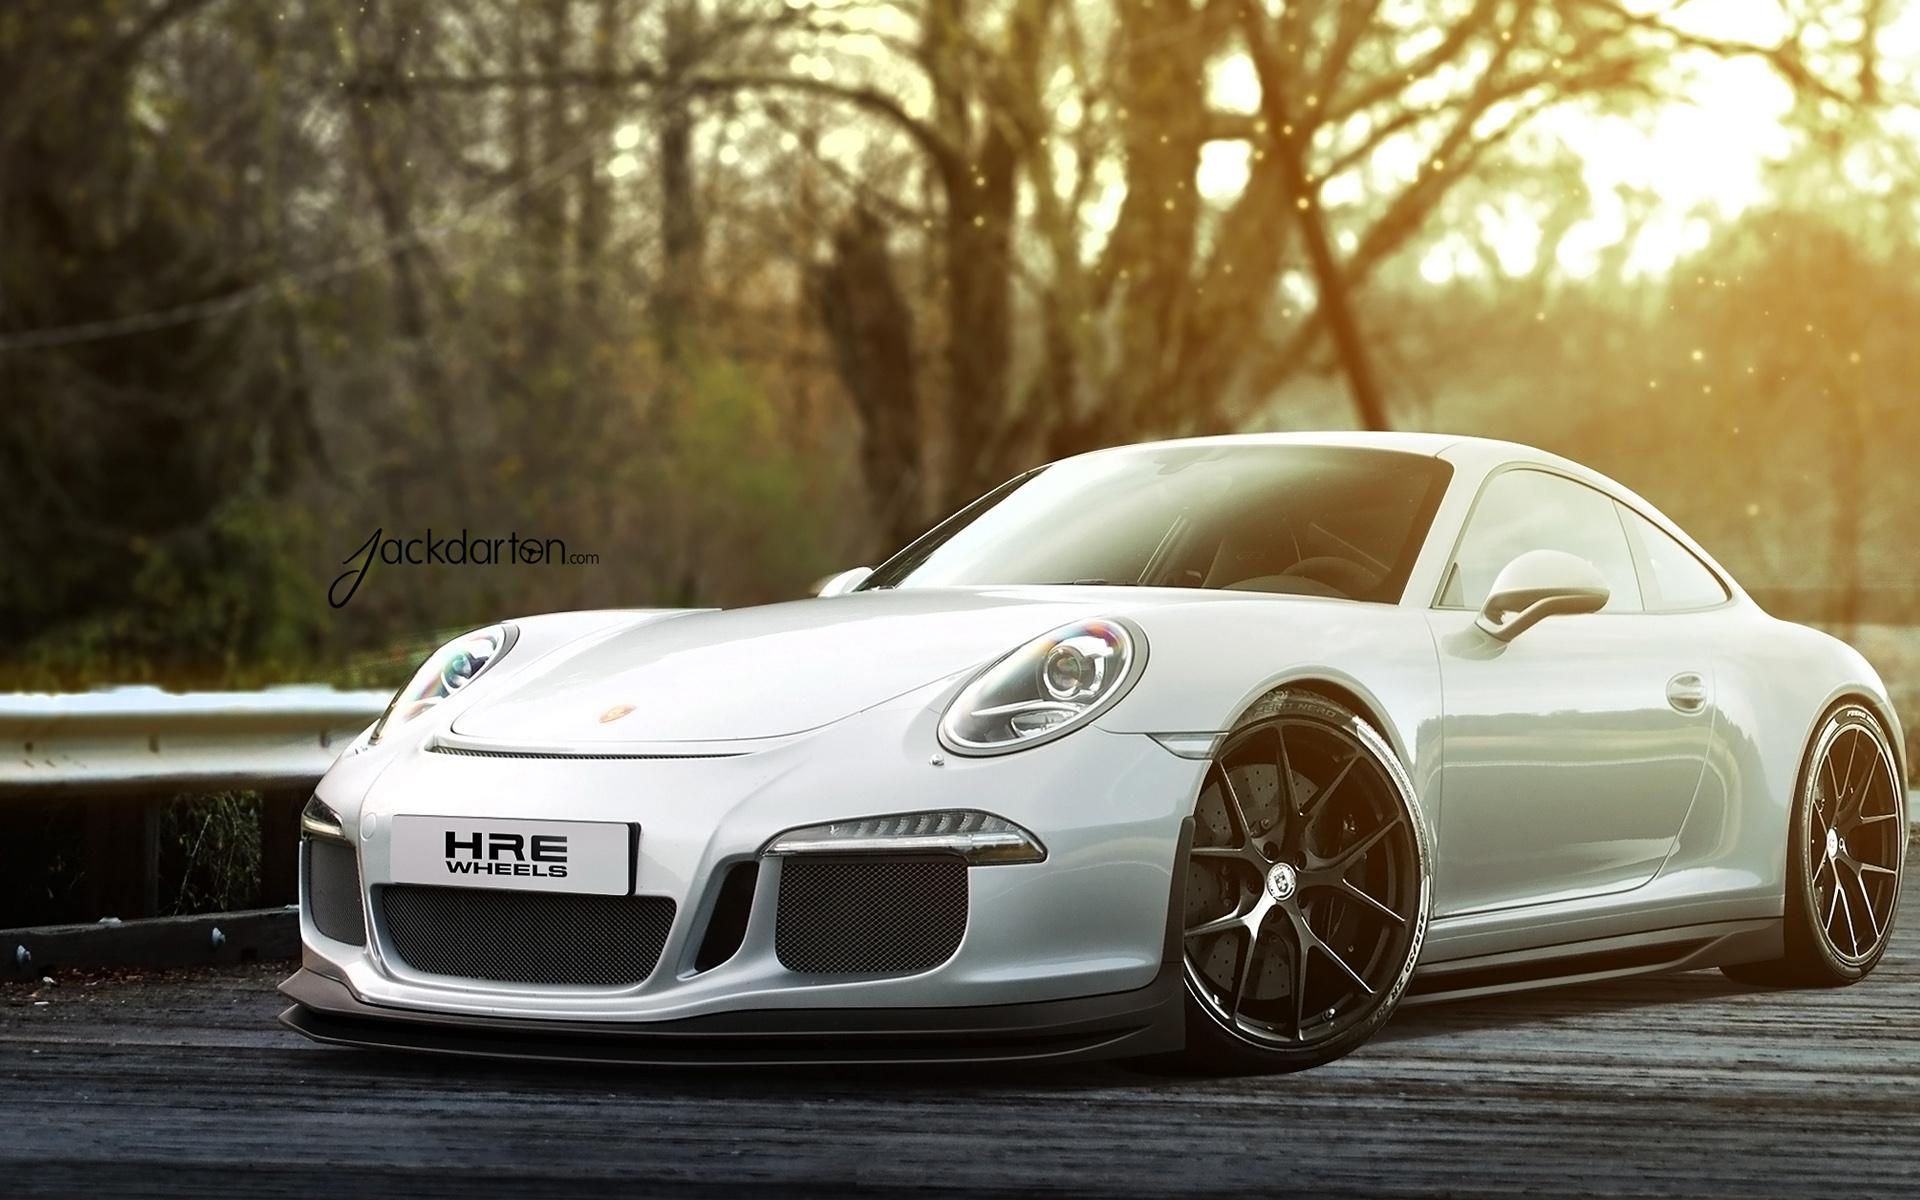 2014 Porche 911 GT3 Wallpaper | HD Car Wallpapers | ID #3945